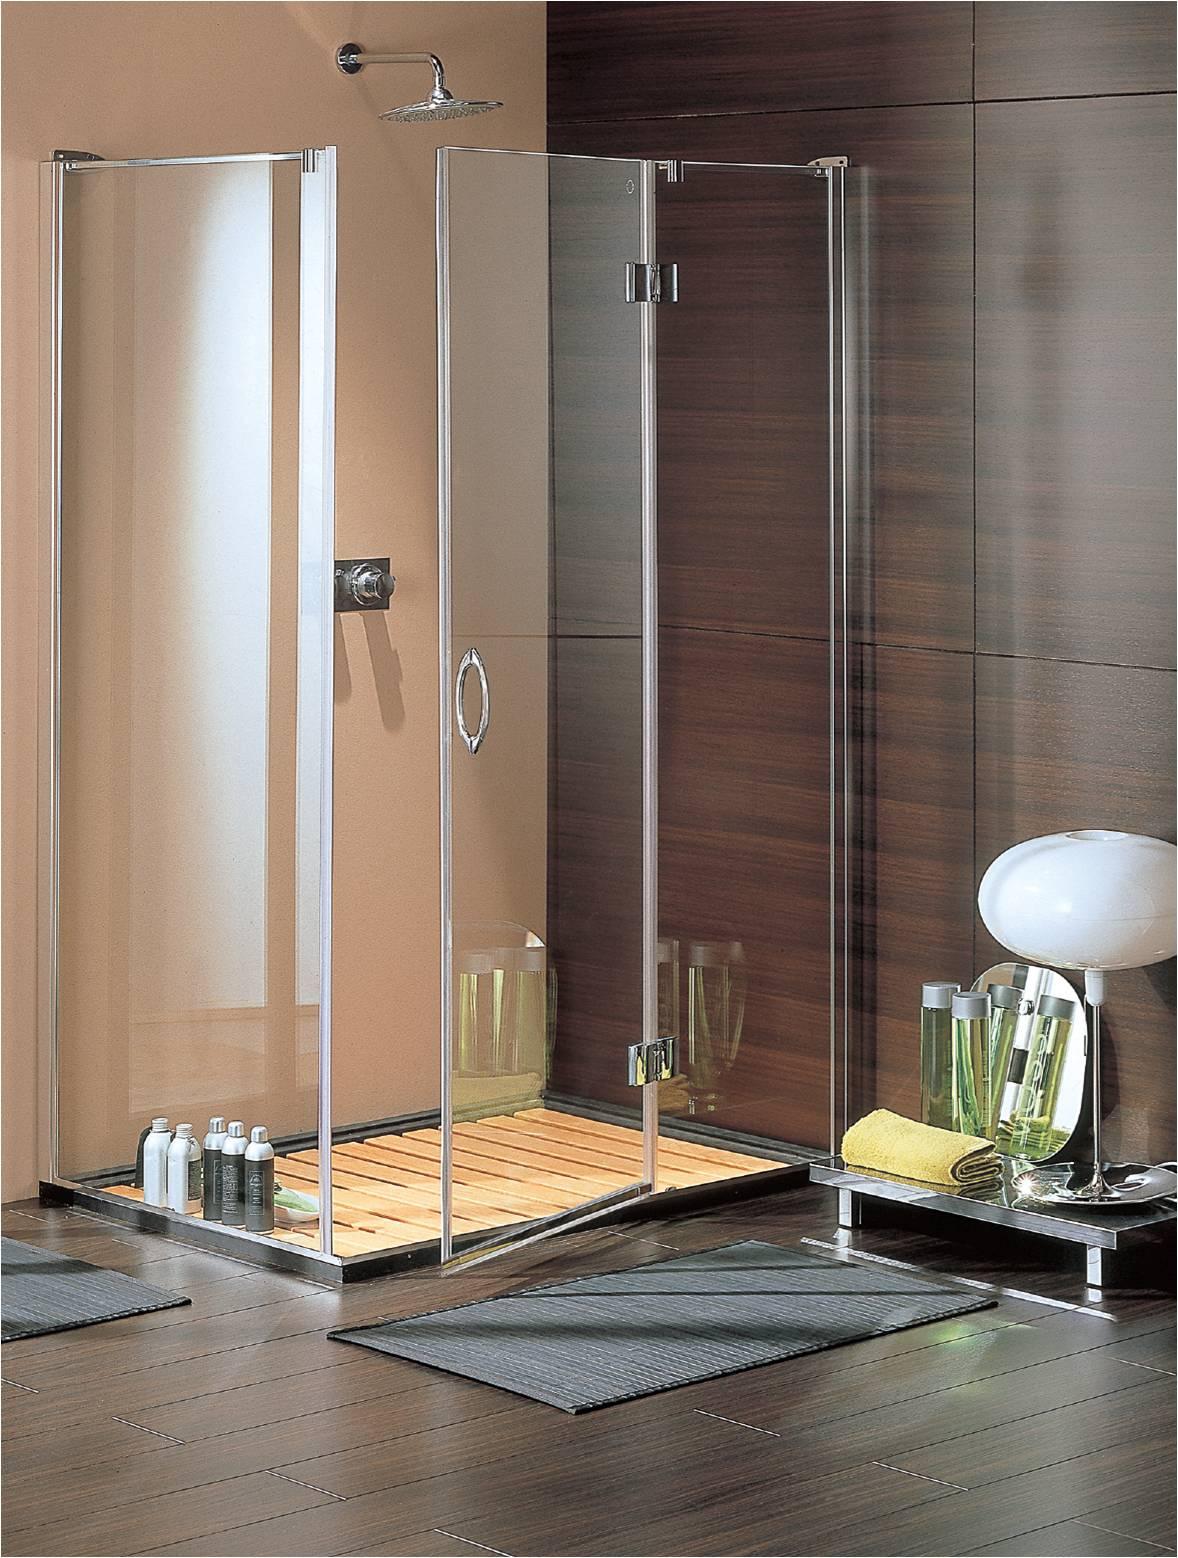 Baño Pequeno Mampara:Baño con Ducha: Mamparas de ducha a medida de Metalkris